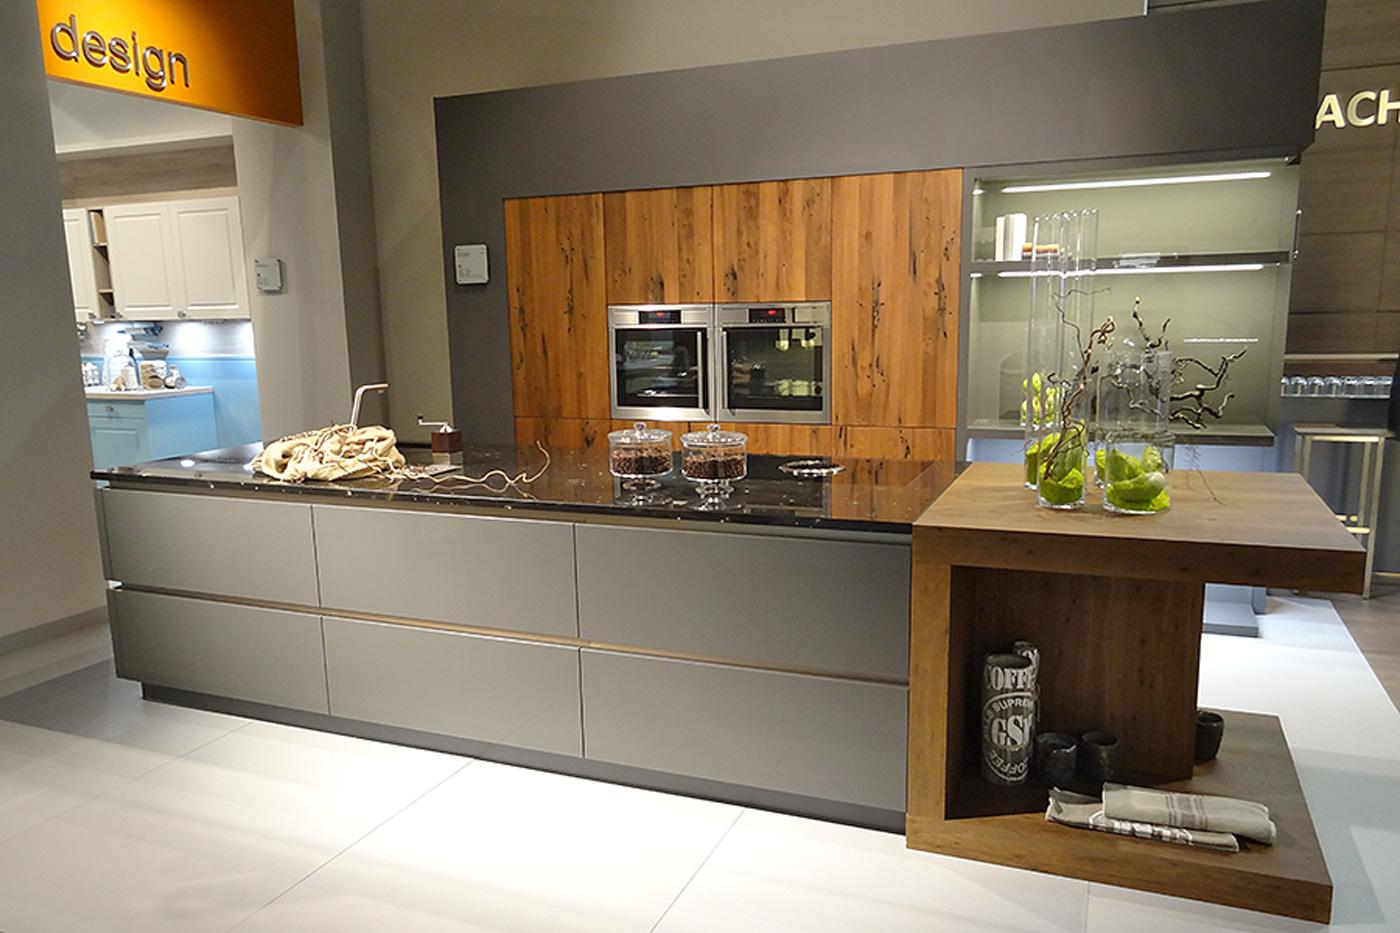 Unsere kuchenausstellung in bergheim for Www hardeck de küchen